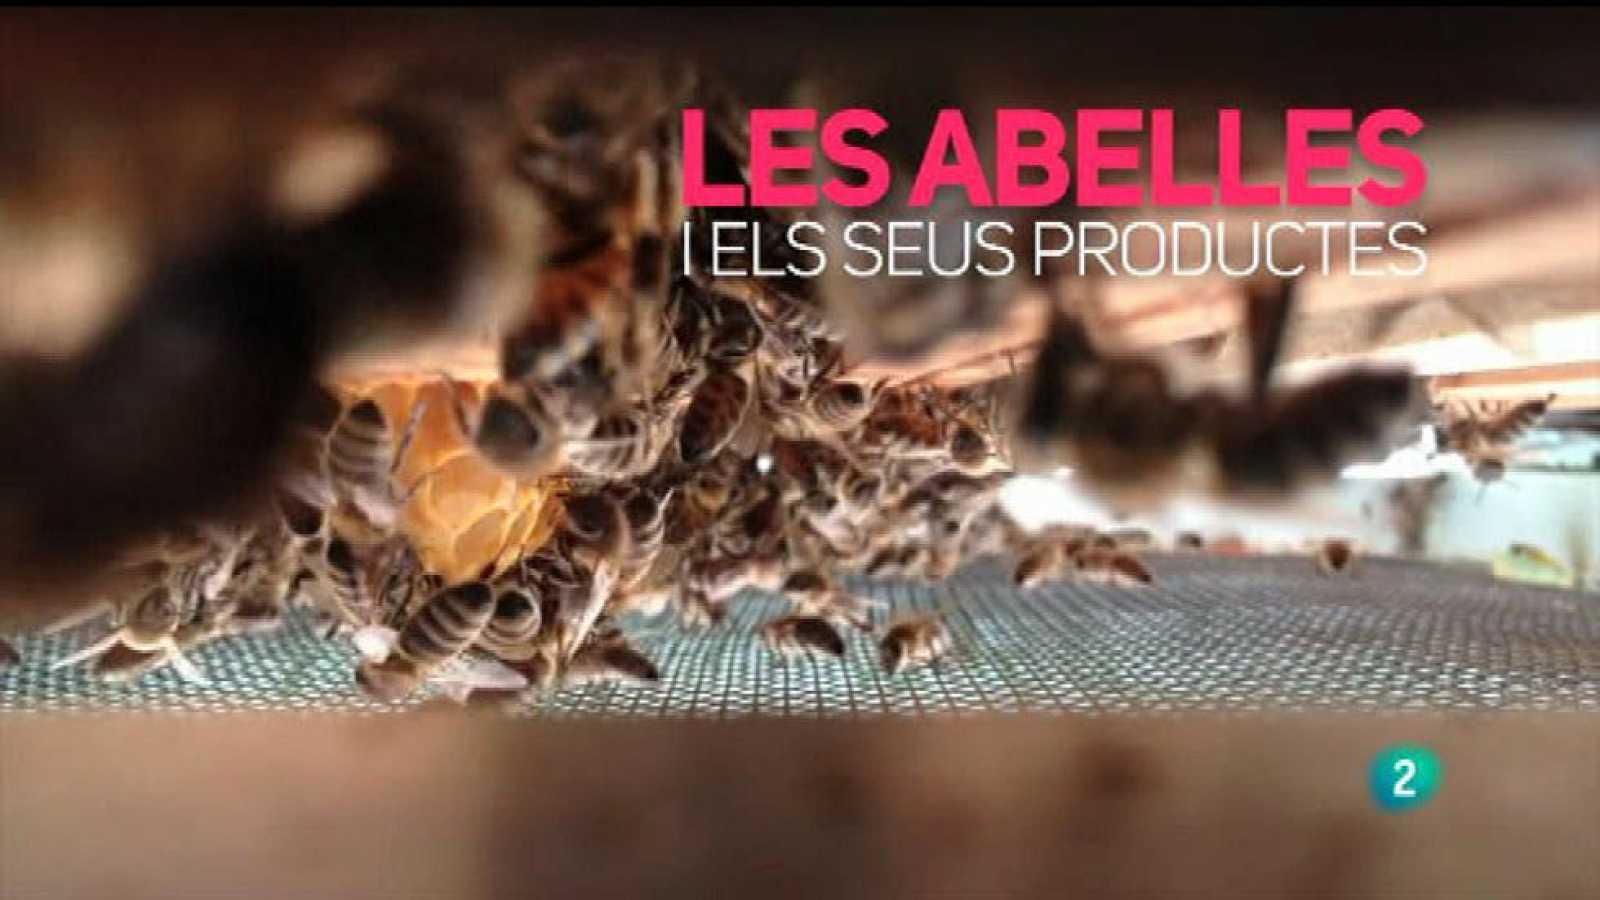 Amb identitat - La mel, un producte de grans propietats